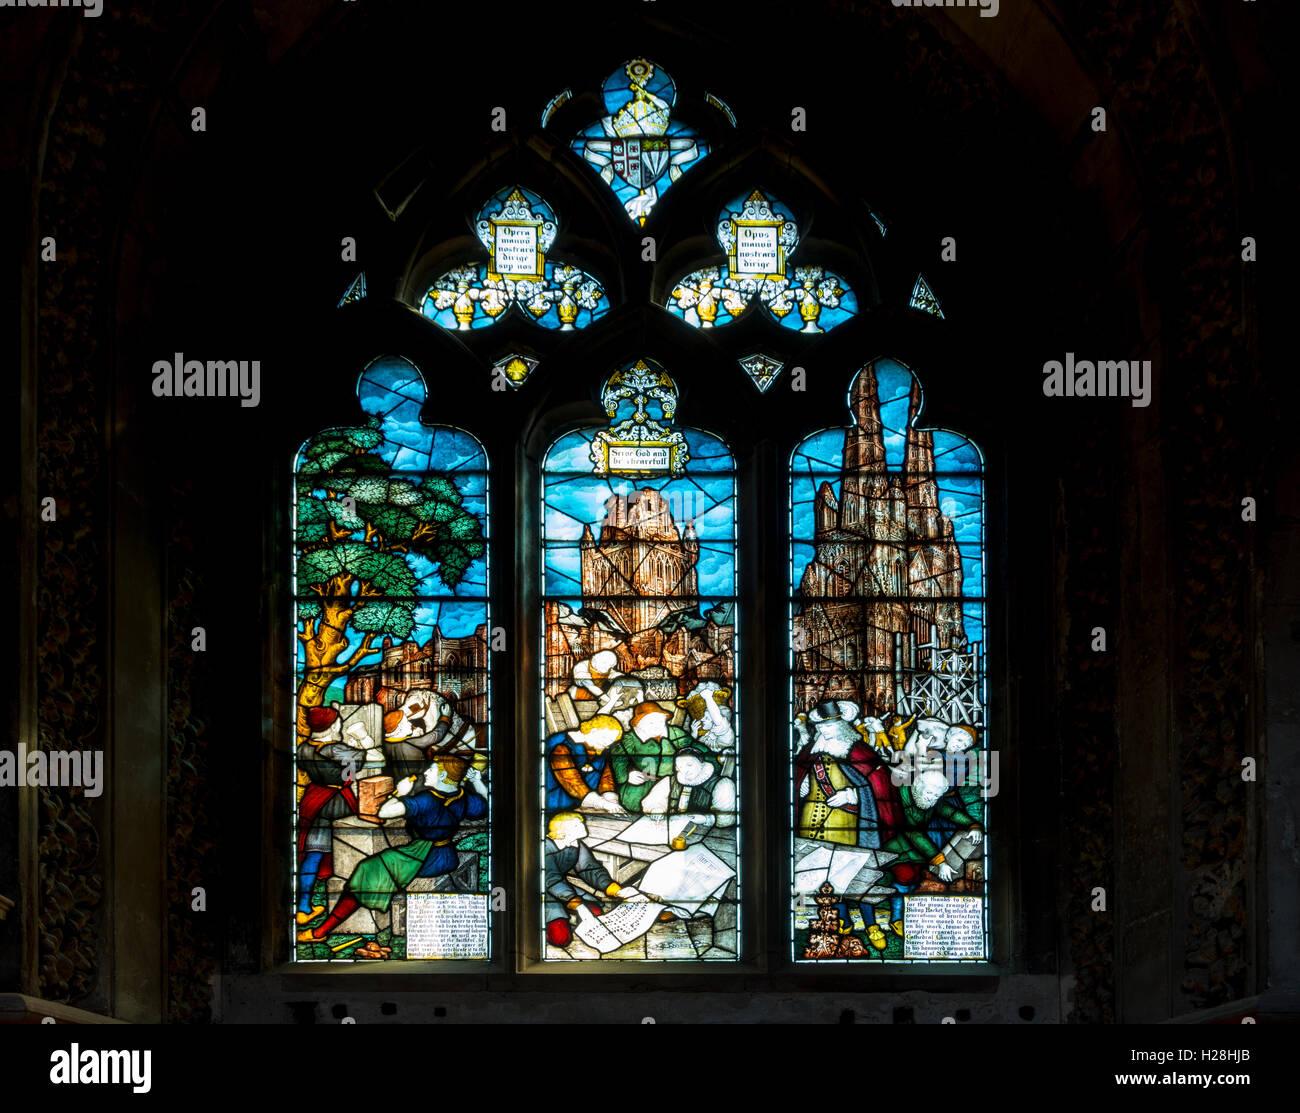 Vitrail montrant les dégâts infligés pendant la guerre civile, la cathédrale de Lichfield, Lichfield, Staffordshire, England, UK Banque D'Images